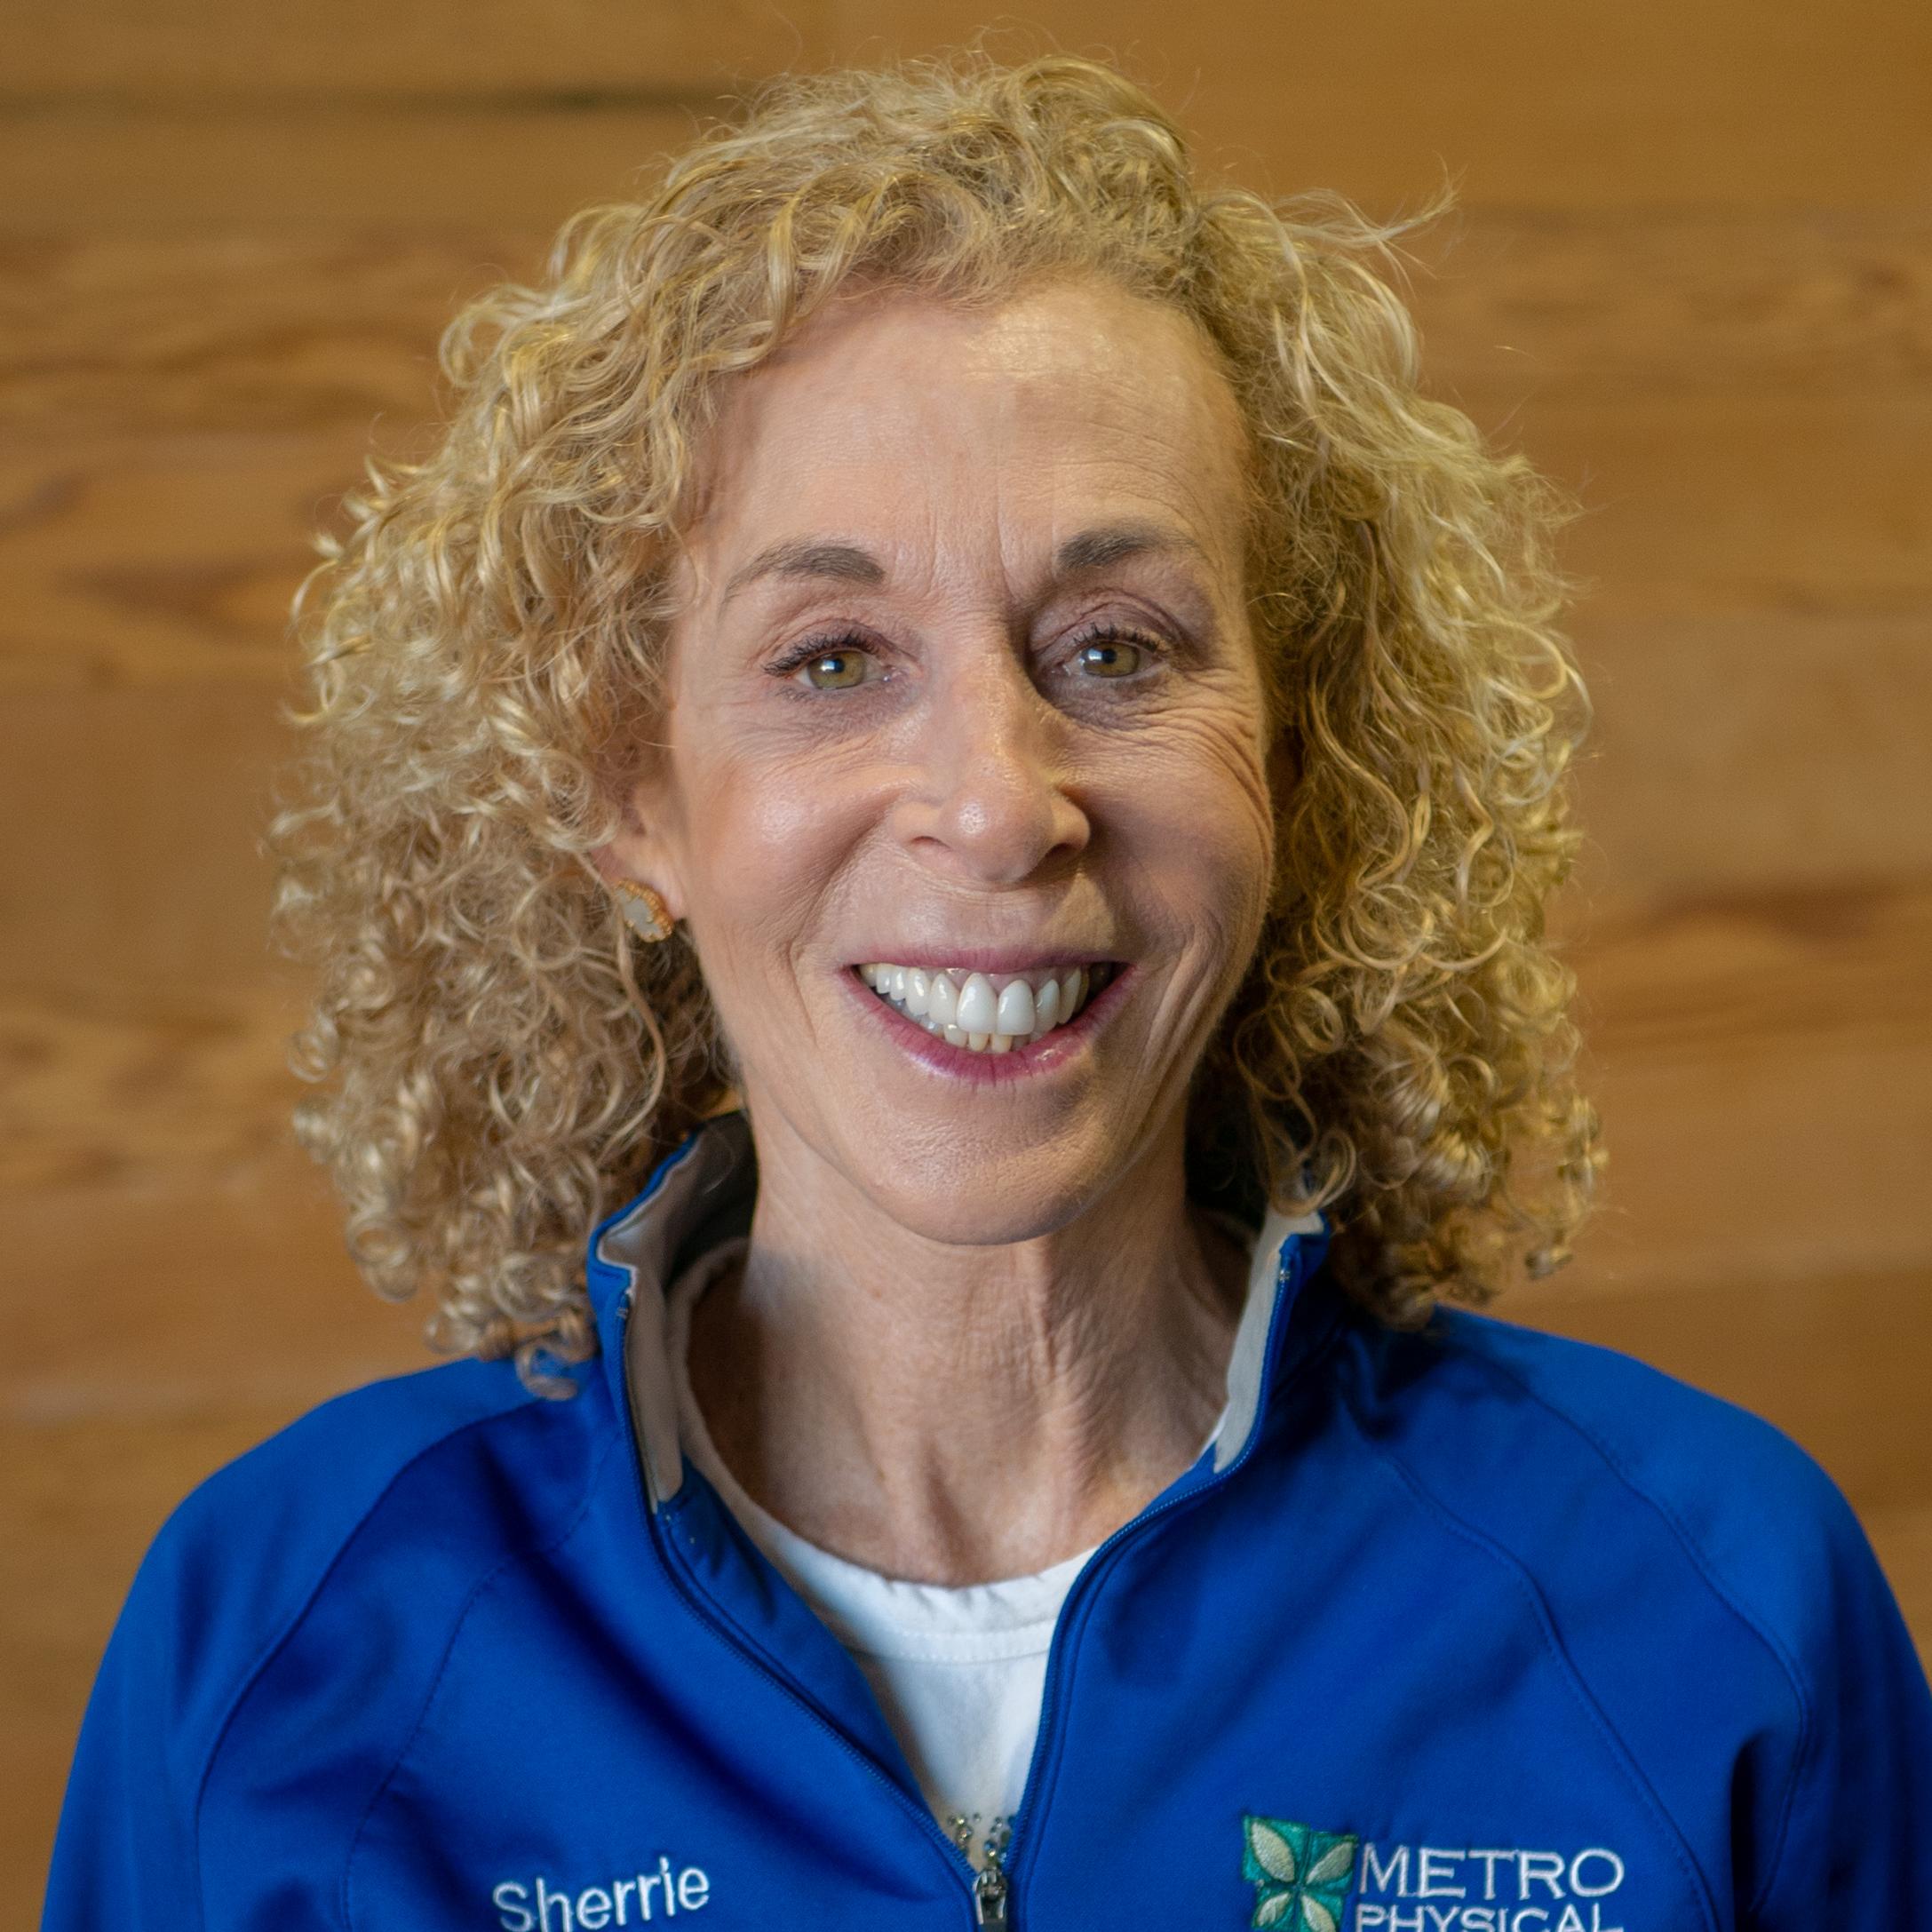 Sherrie Glasser Mayrsohn, MSPT - Owner and DirectorOrthopedicsGeriatrics